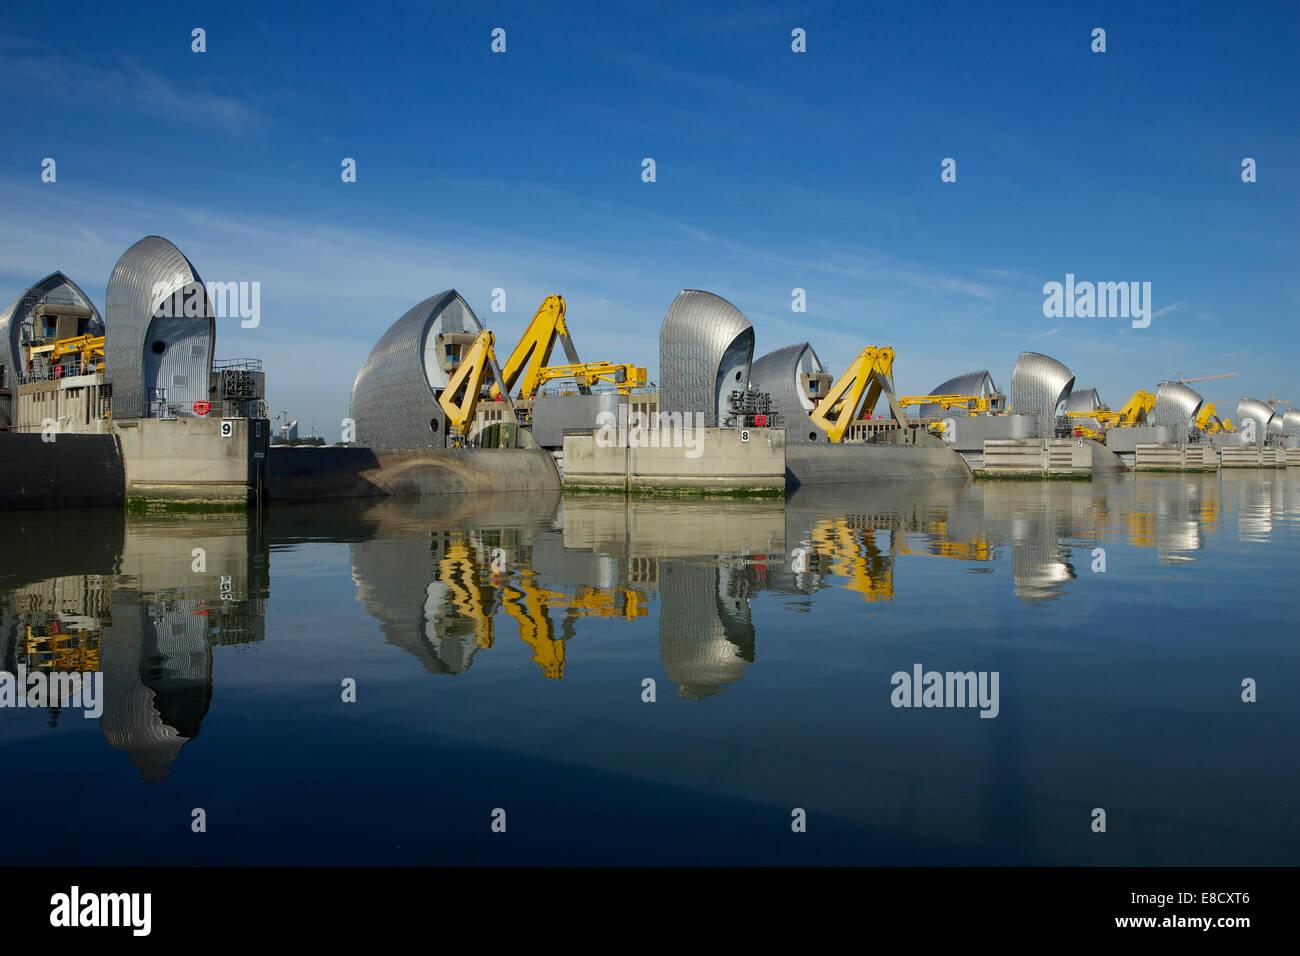 Woolwich, Londres, Royaume-Uni. 5 octobre, 2014. La Thames Barrier fermeture annuelle et le 30e anniversaire depuis Photo Stock